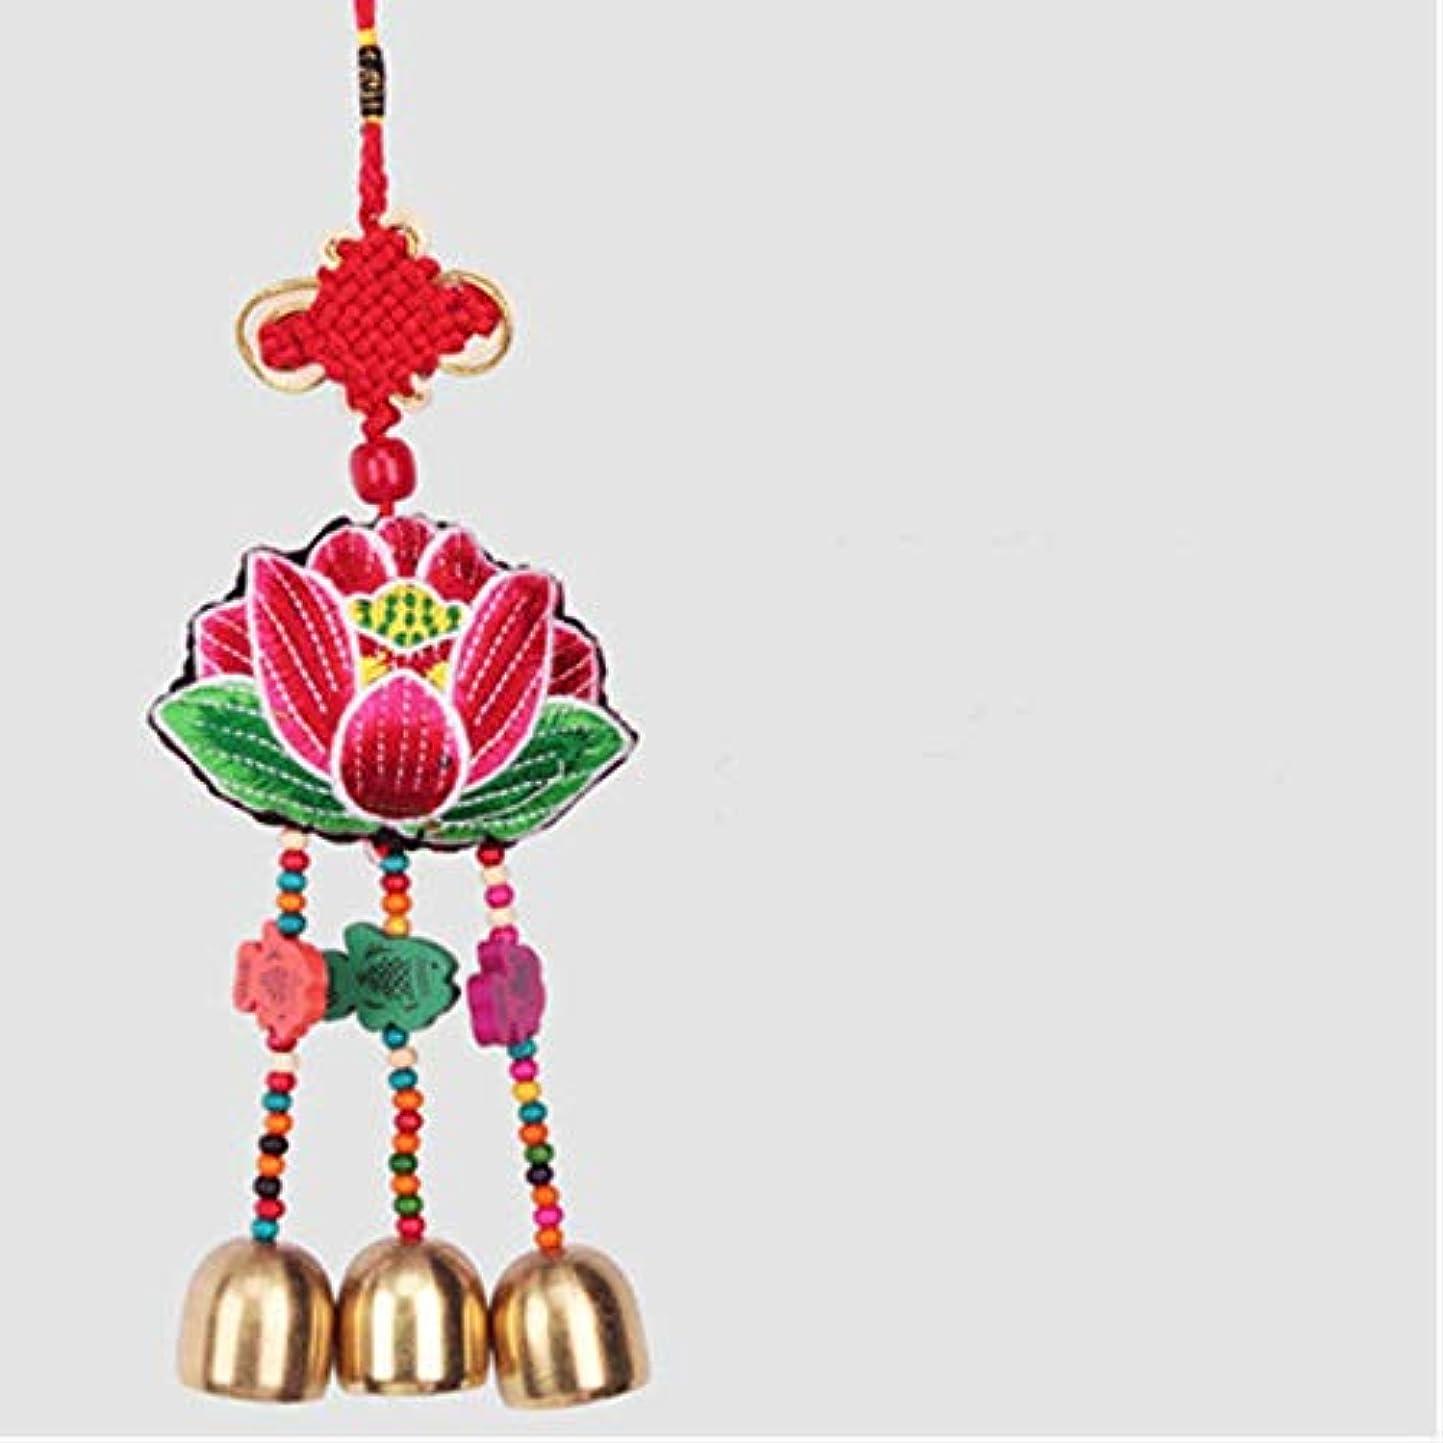 ニコチンハッピースナップGaoxingbianlidian001 Small Wind Chimes、中華風刺繍工芸品、14スタイル、ワンピース,楽しいホリデーギフト (Color : 11)